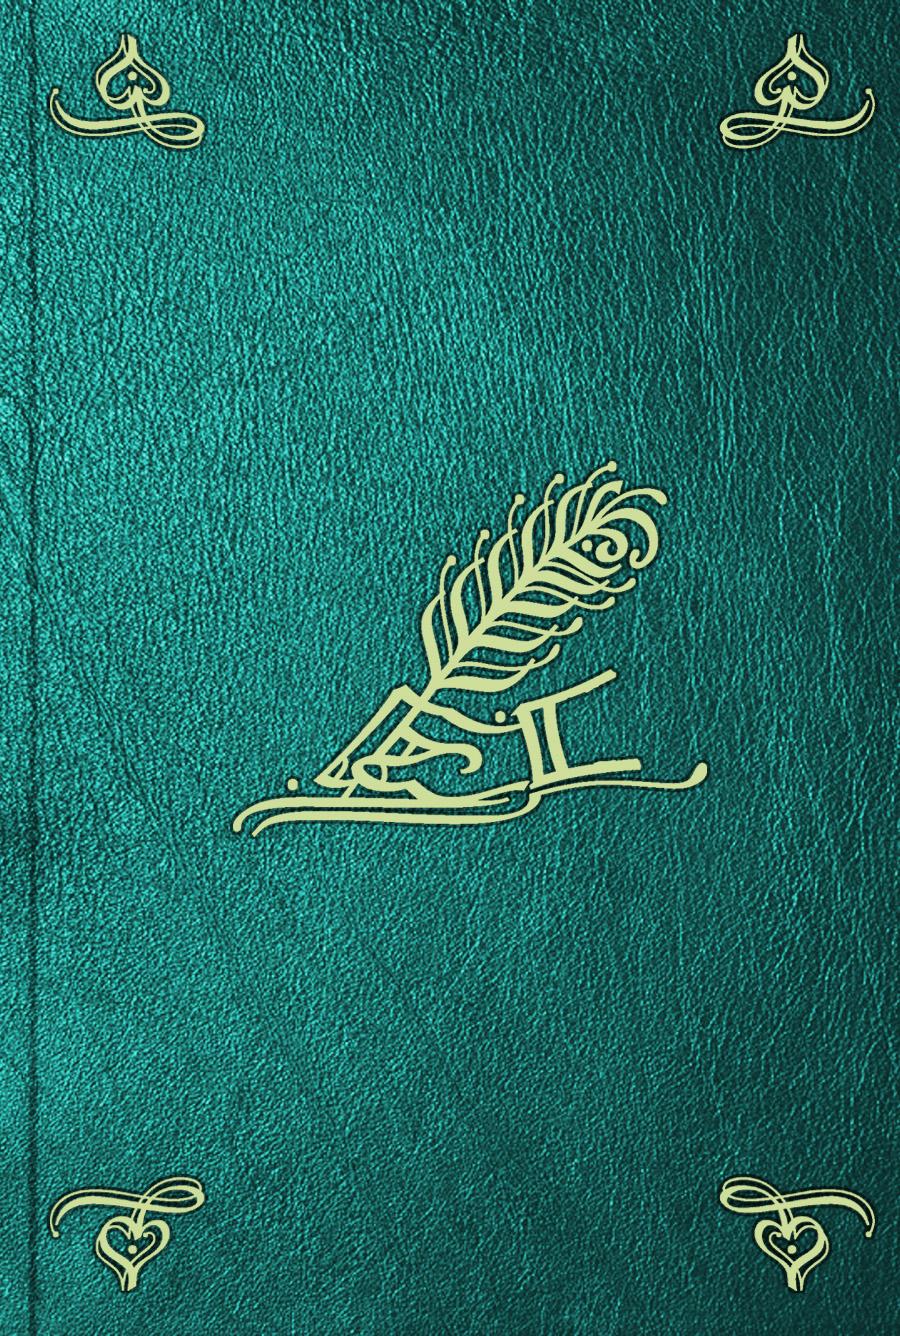 Philippe De Dangeau Memoires et journal du marquis de Dangeau. T. 4 thomas simon gueullette le tresor suppose comedie representee pour la premiere fois par les comediens italiens ordinaires du roi le septieme fevrier 1720 french edition